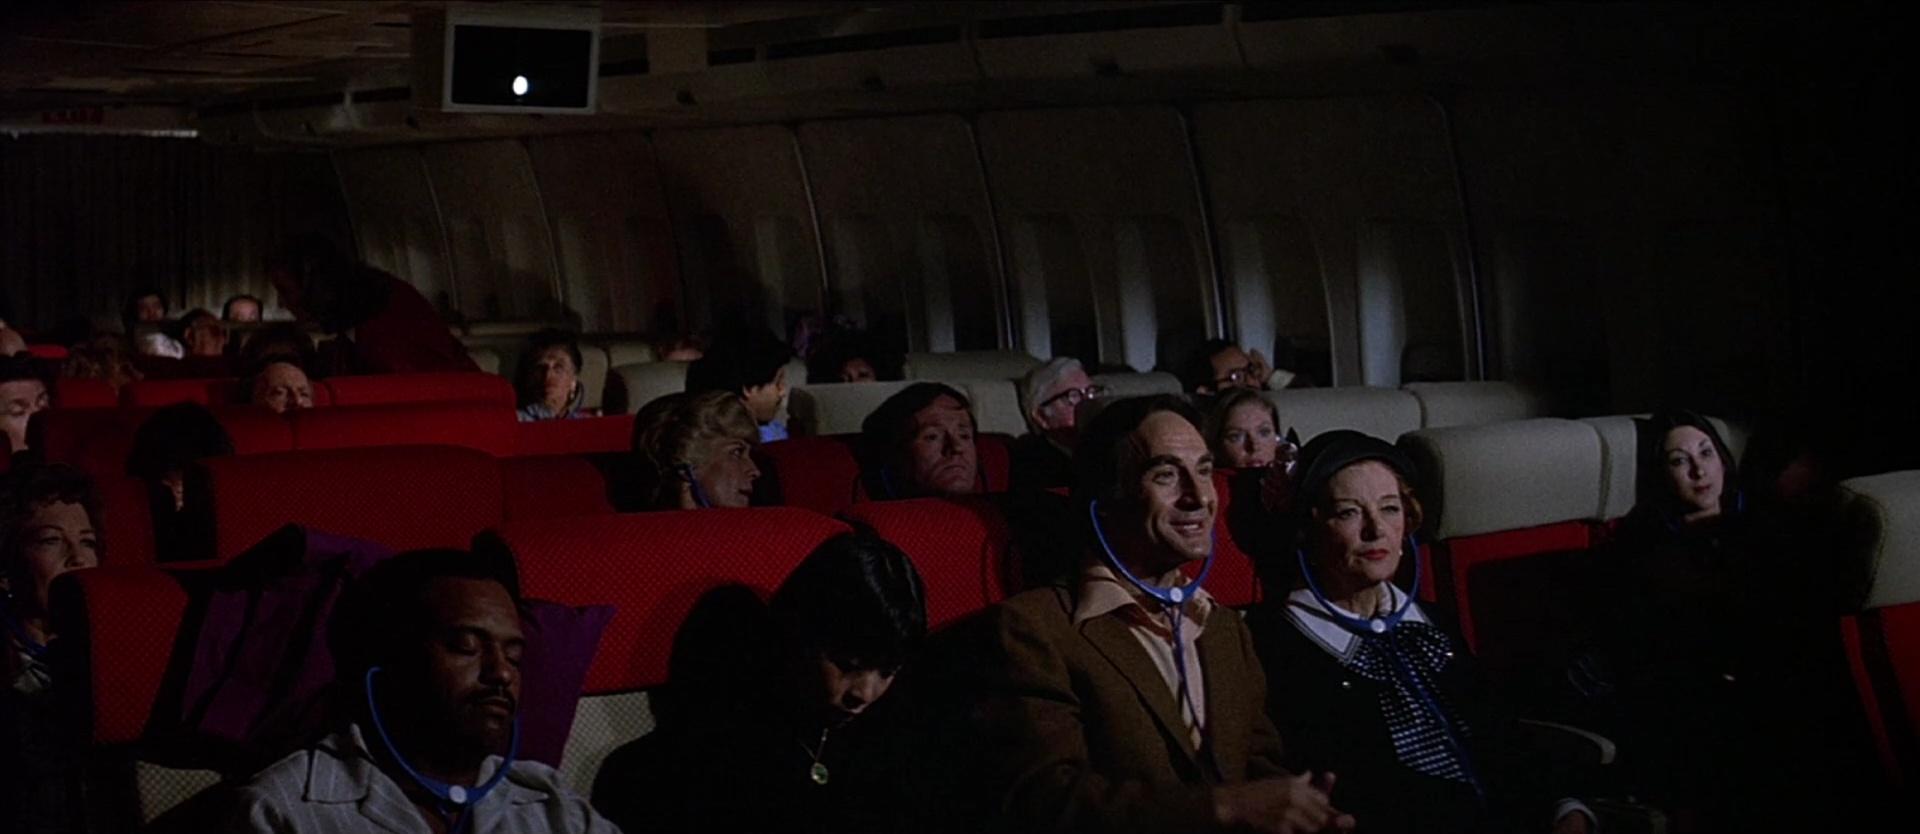 Airport 1975 film still 5